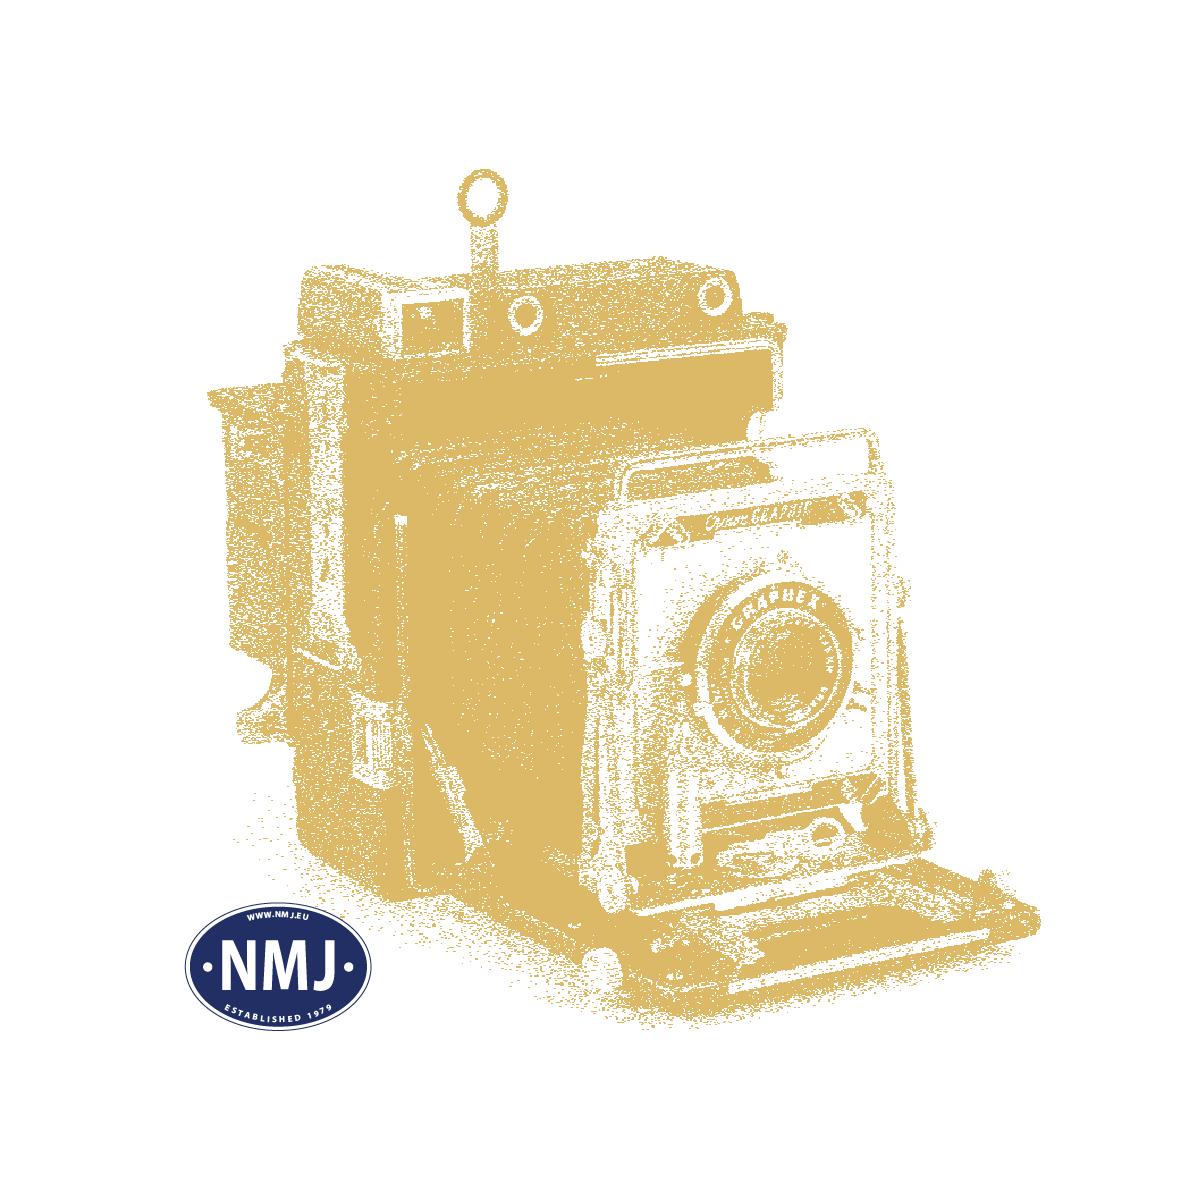 NMJT505.201 - NMJ Topline NSB Rps 31 76 393 3 229-3 m/ Finsam fliskasser